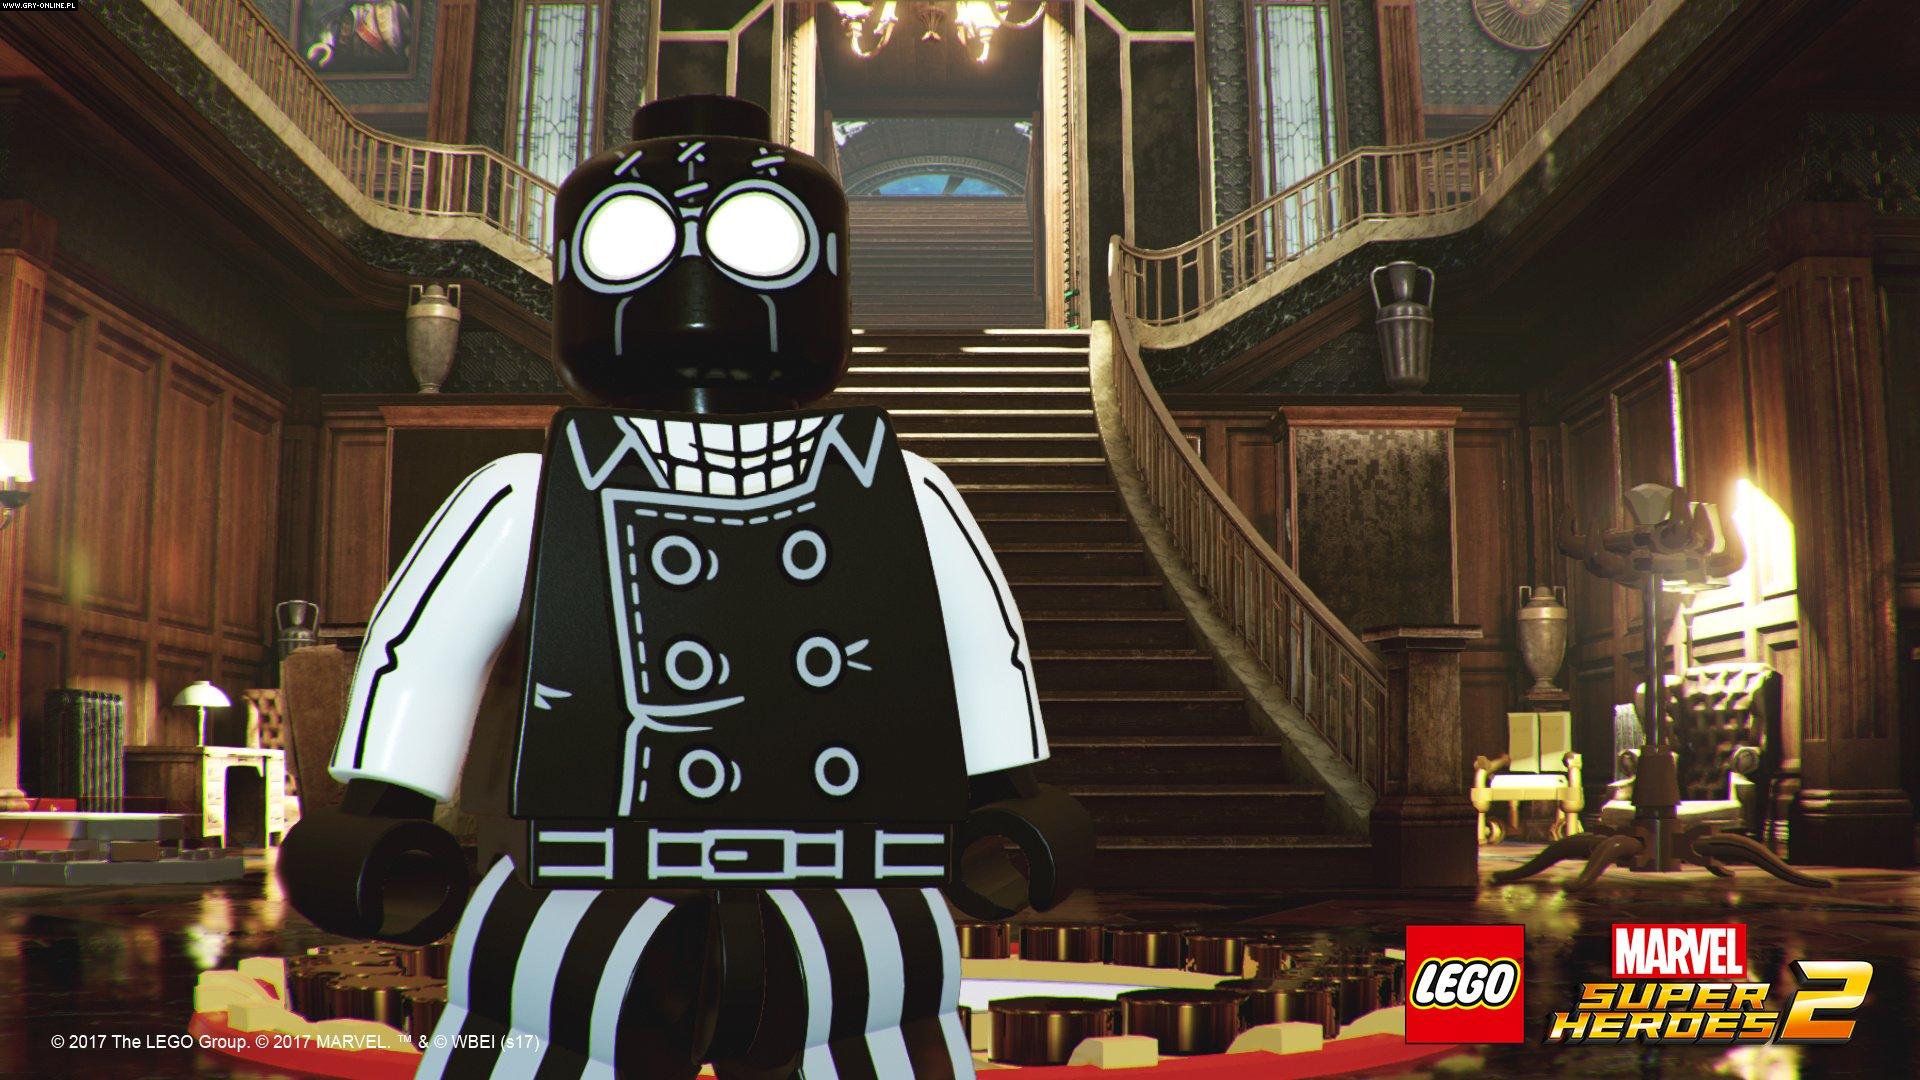 Lego marvel super heroes 2 gratuit telecharger pc jeux - Jeux lego spiderman gratuit ...